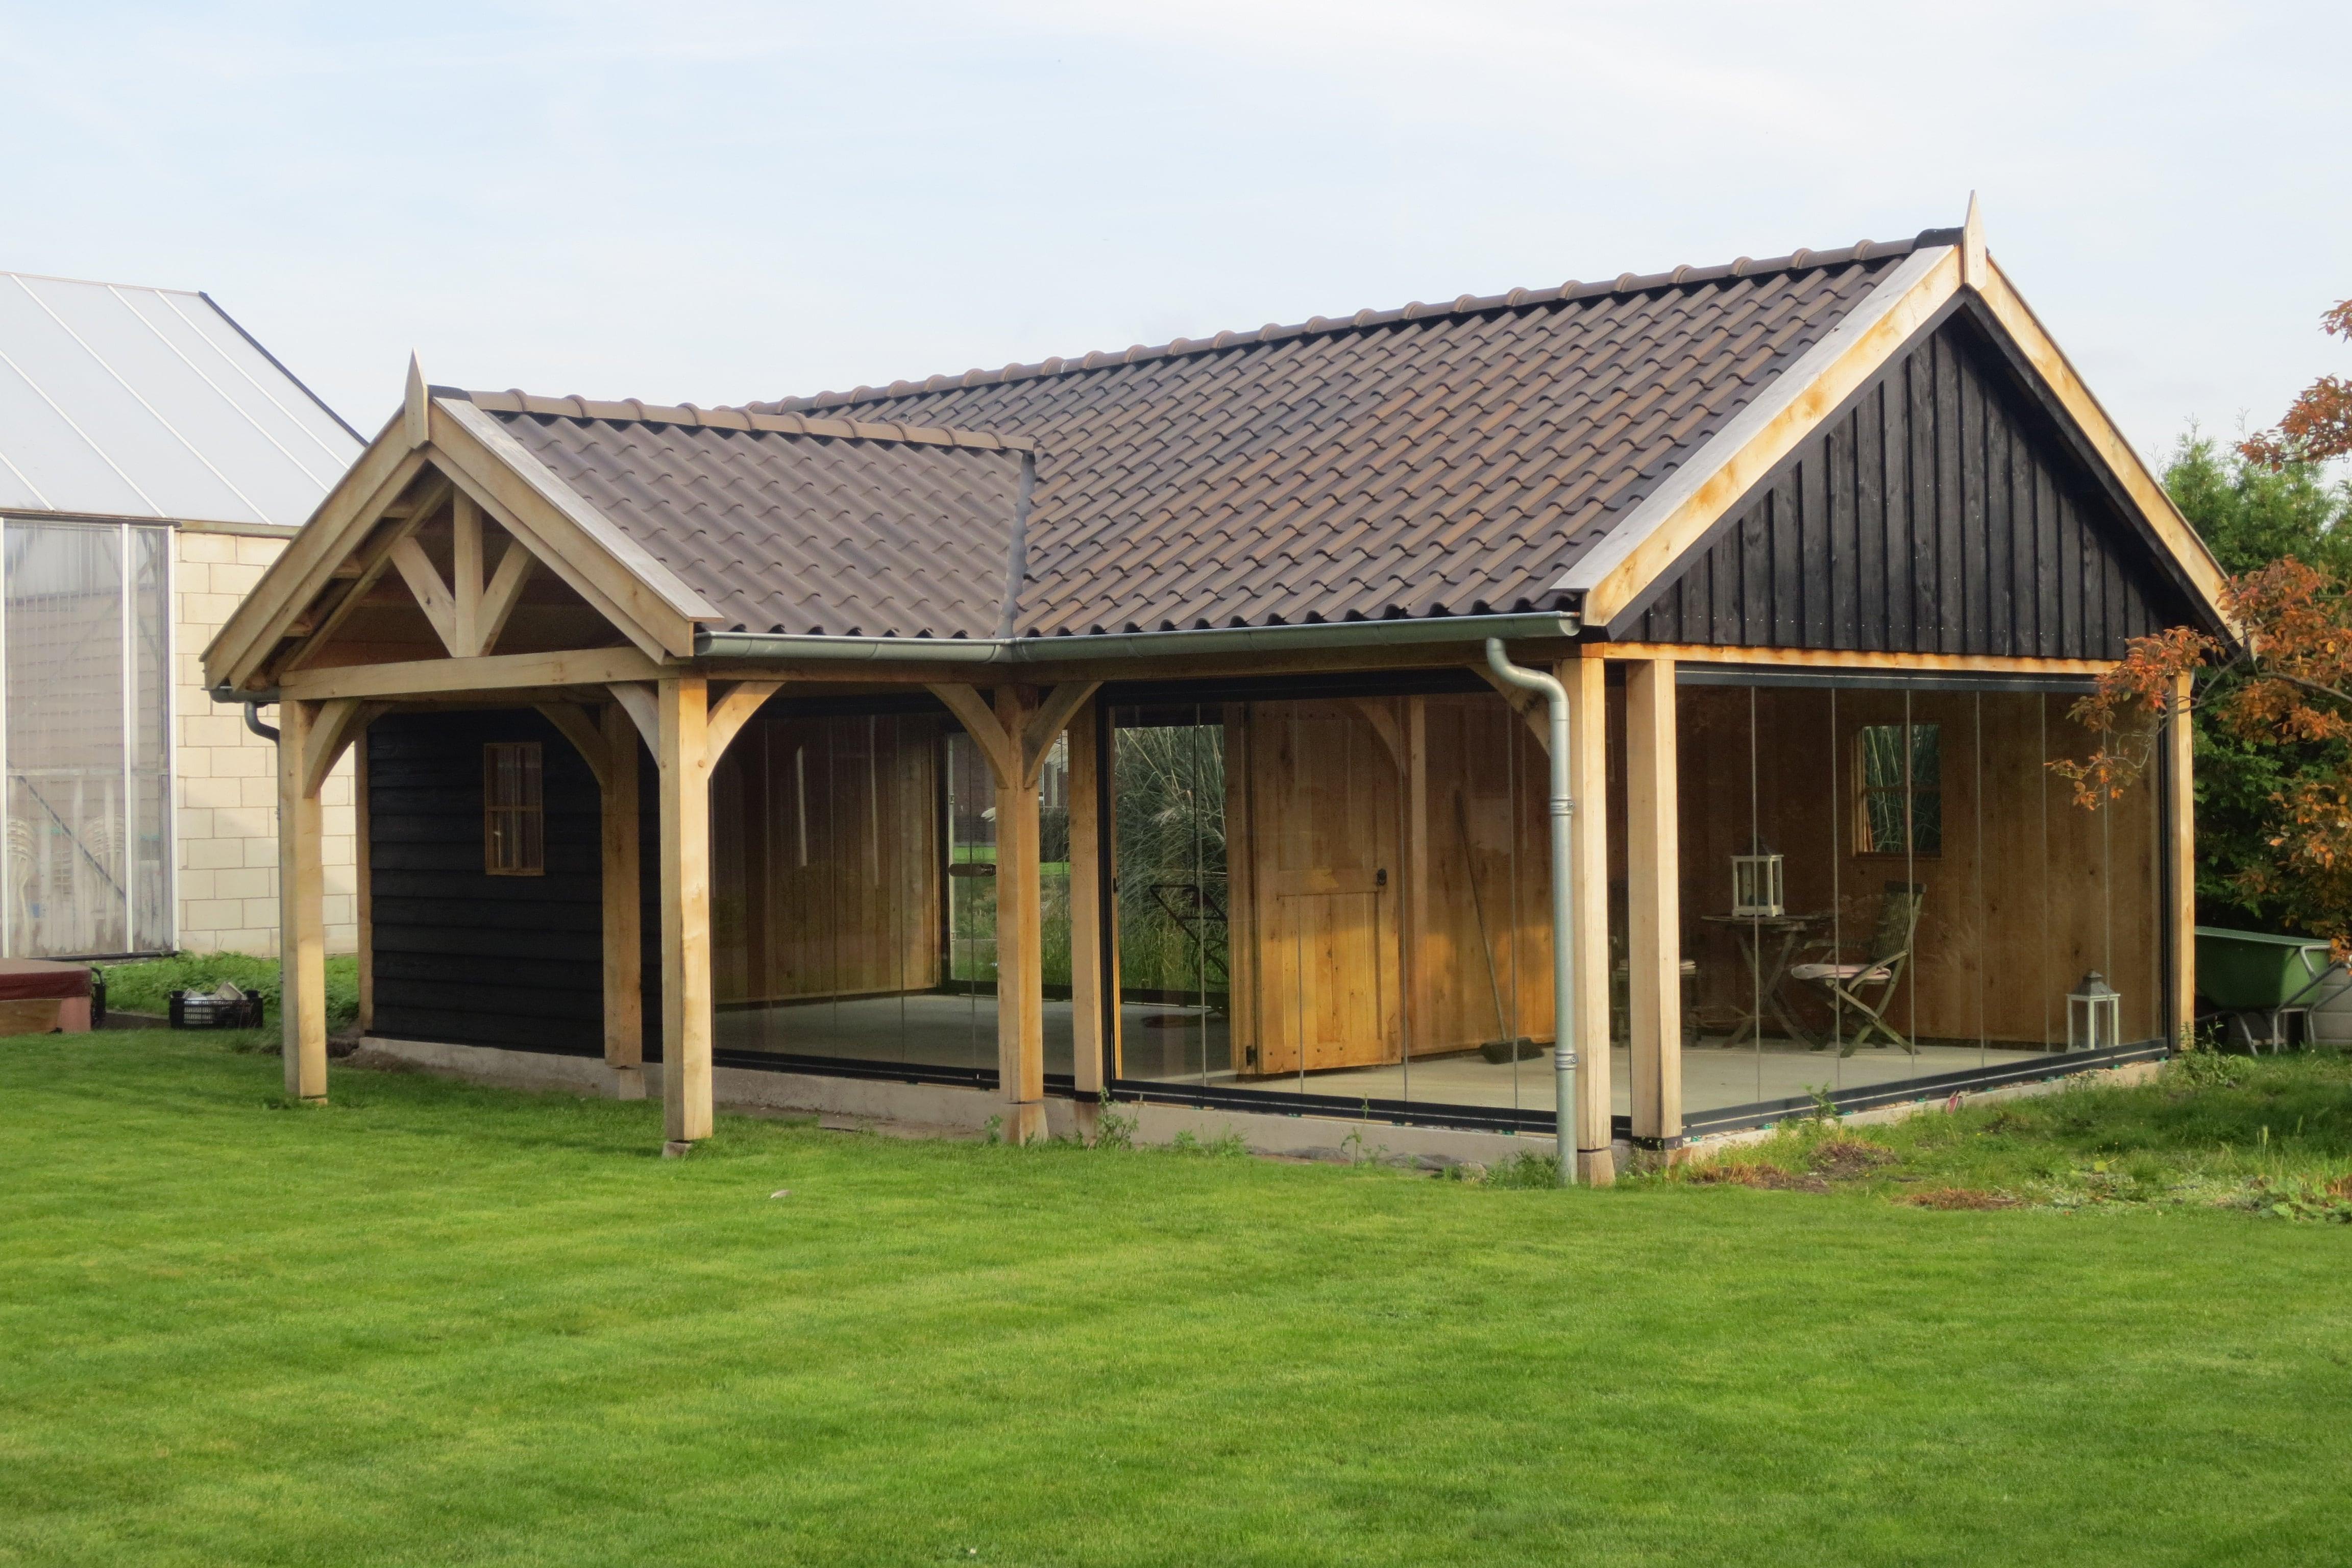 Houten-Poolhouse-8-min - Project: Houten Poolhouse Westland